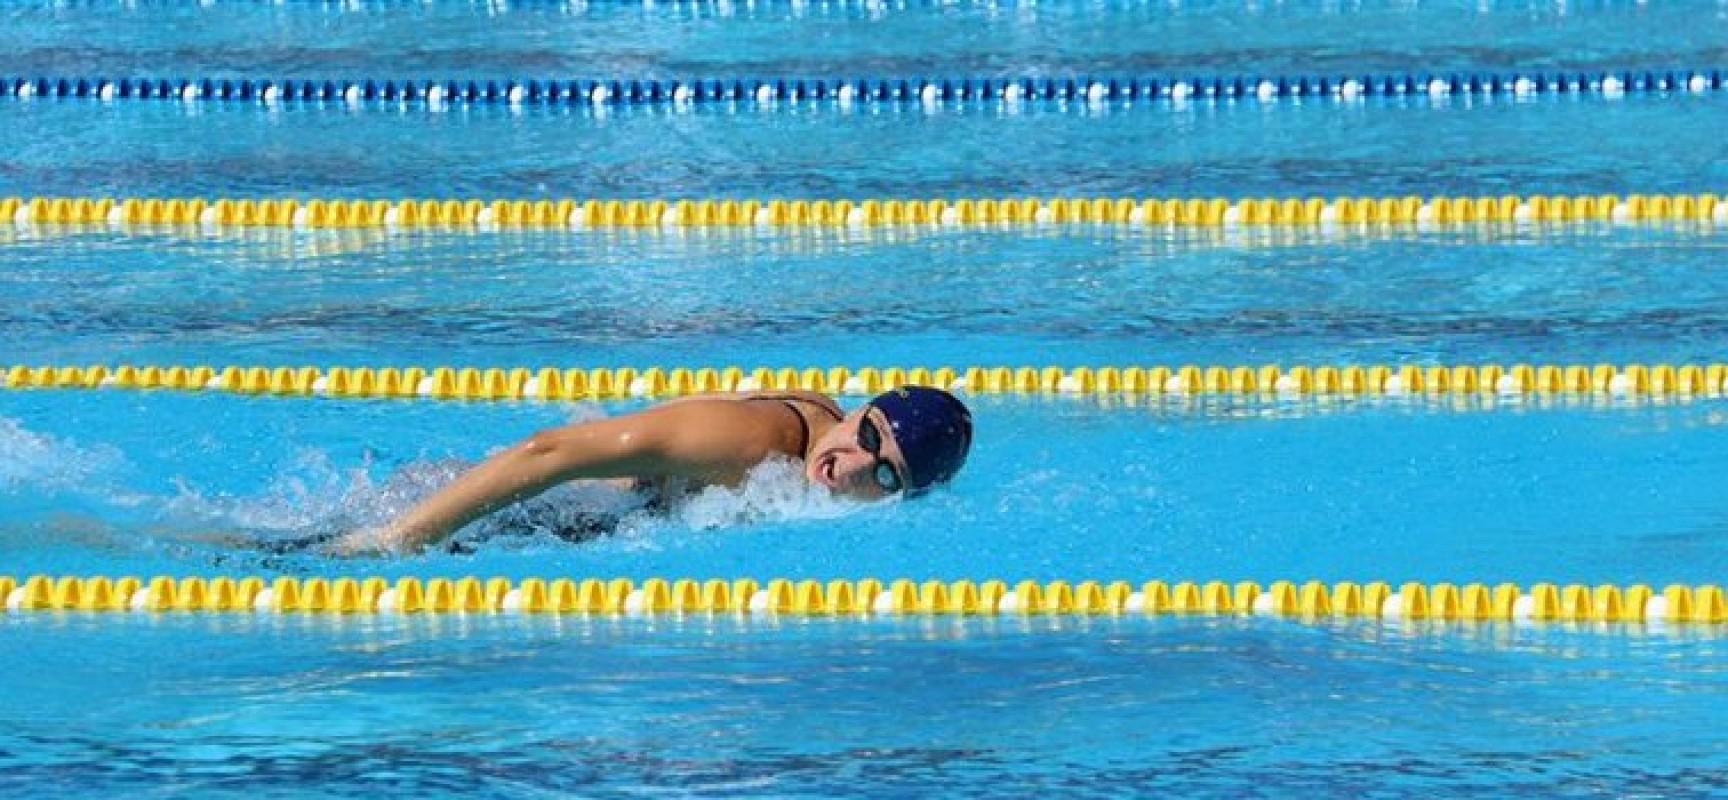 Solo un settimo posto per Elena Di Liddo nella finale dei 50m delfino alle Universiadi